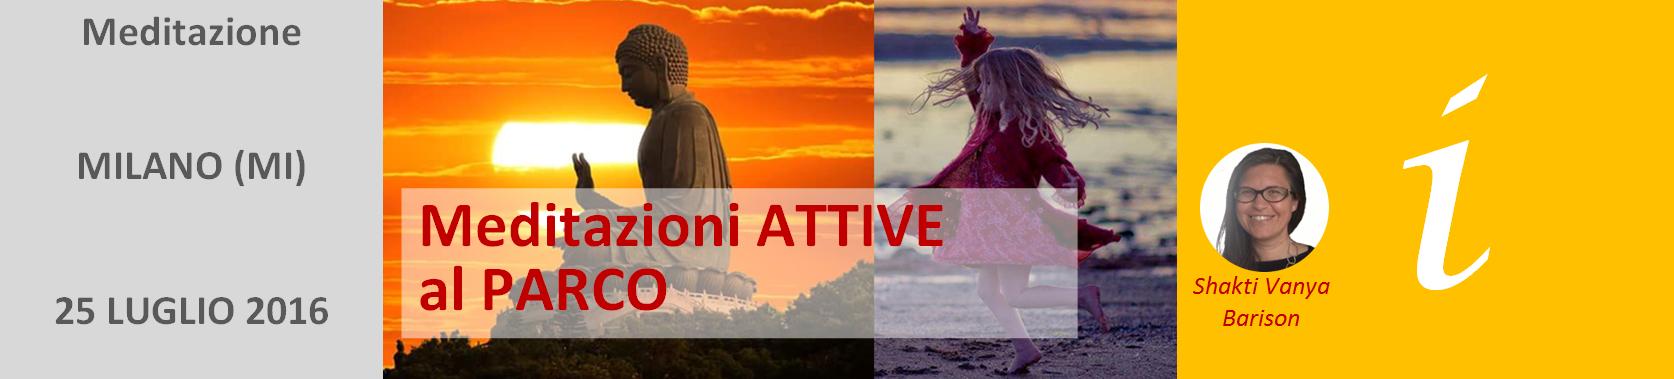 banner-meditazioni-attive-al-parco-milano-25